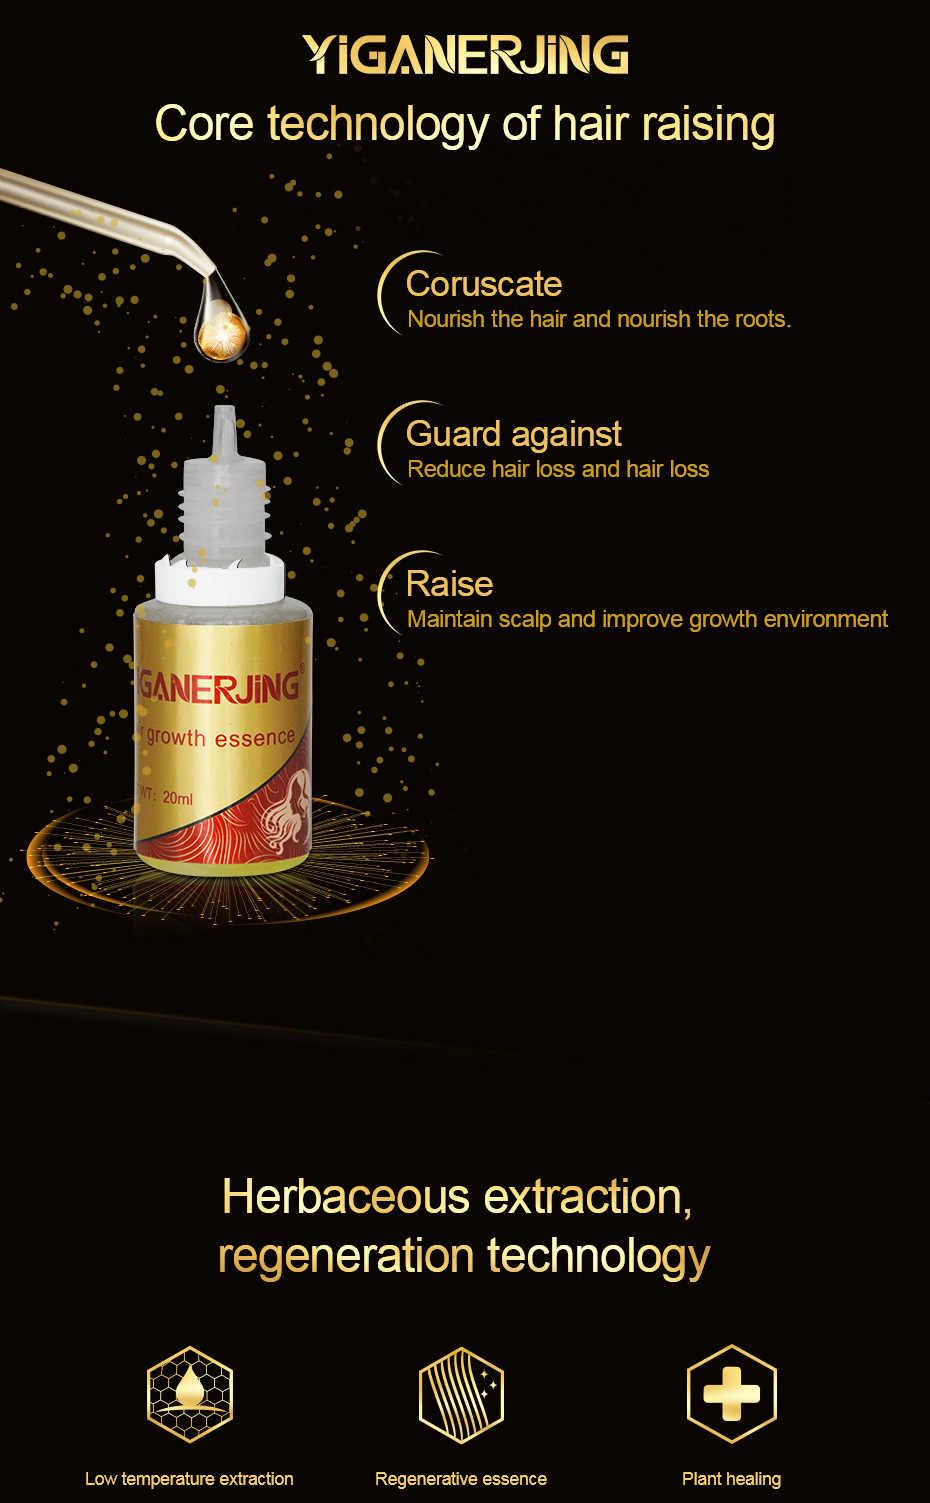 20019 neue Schnelle Leistungsstarke Haar Wachstum Essenz Öl Flüssigkeit Behandlung Gegen Haarausfall Haarpflege Produkte 20 ml TSLM1